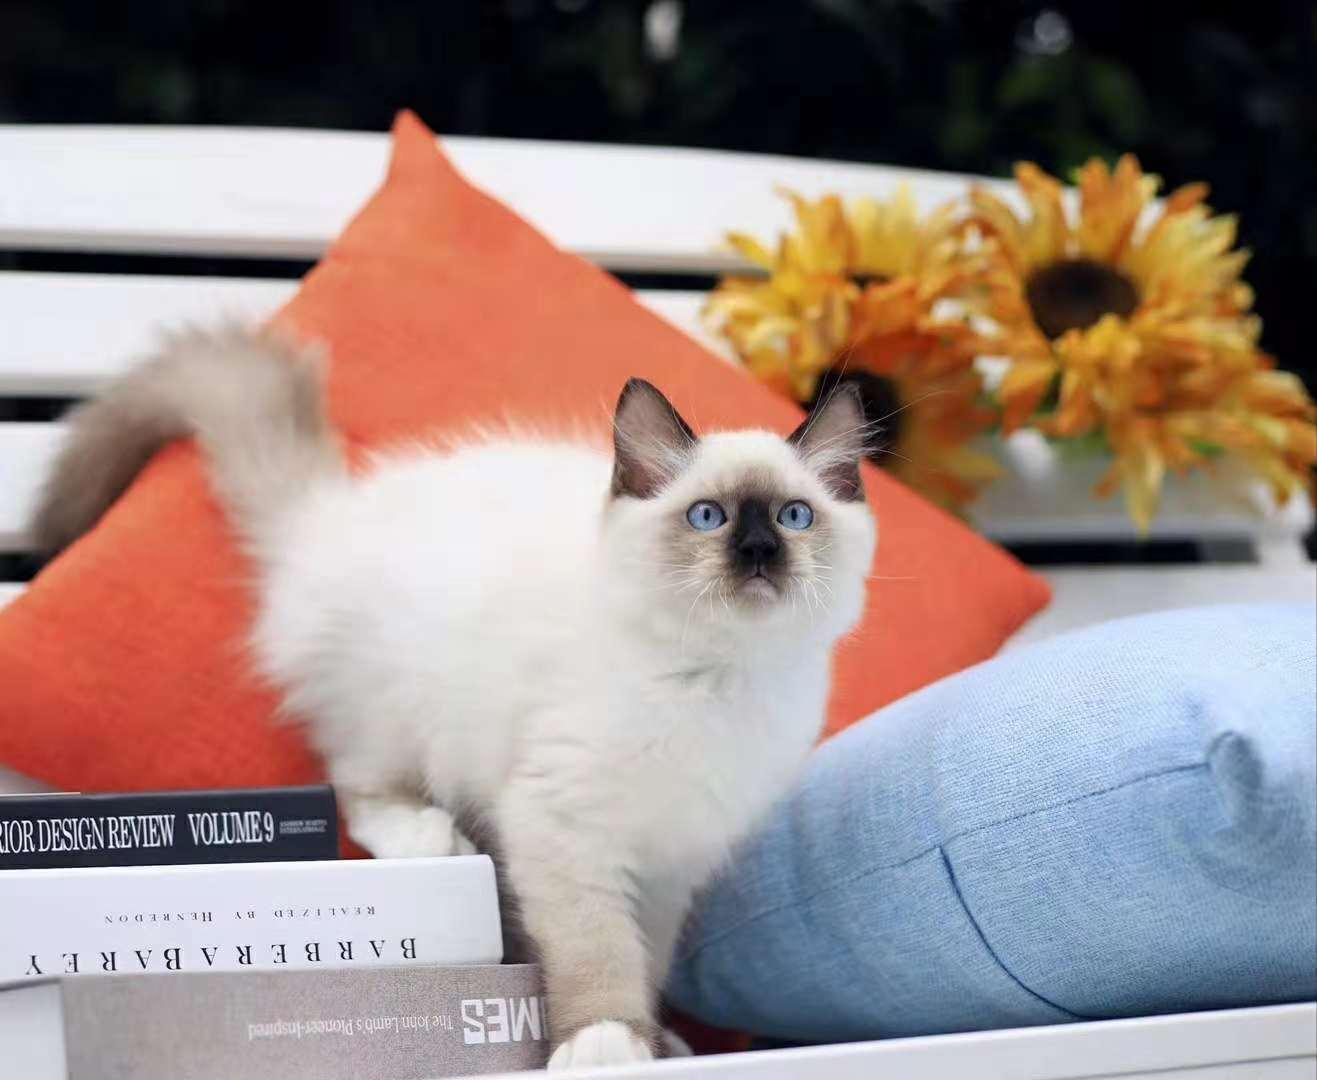 罗猫短毛猫机智灵活,对主人忠心的纯种挖煤猫